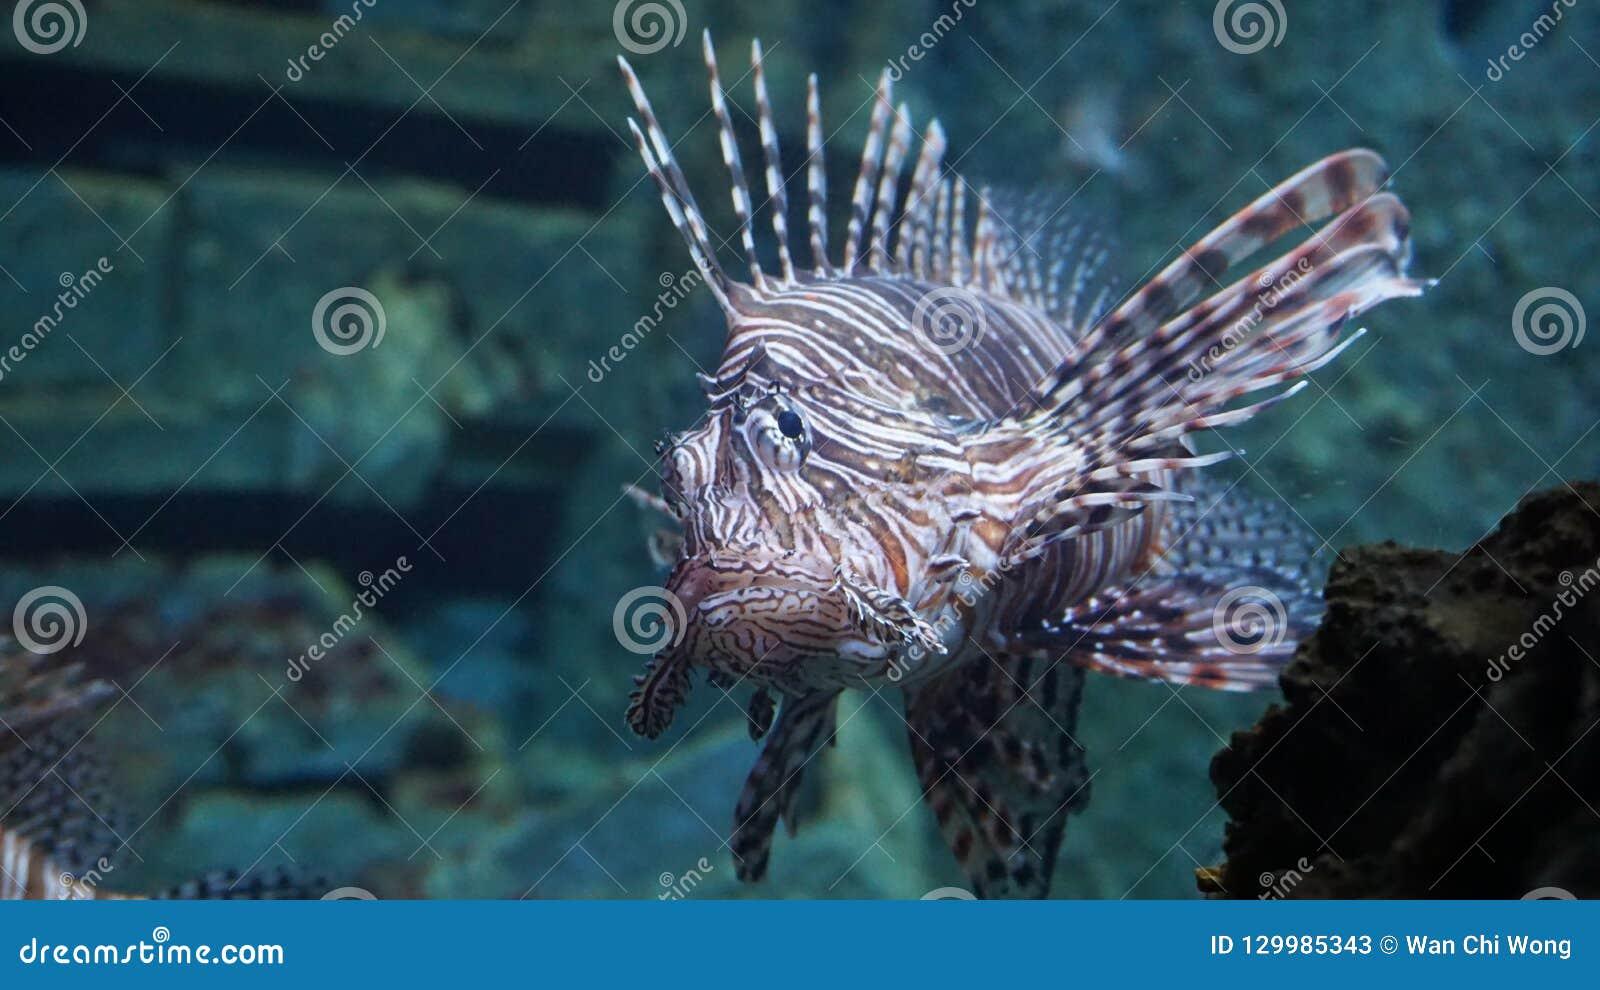 Pterois volitans Lionfish, venomous coral reef fish